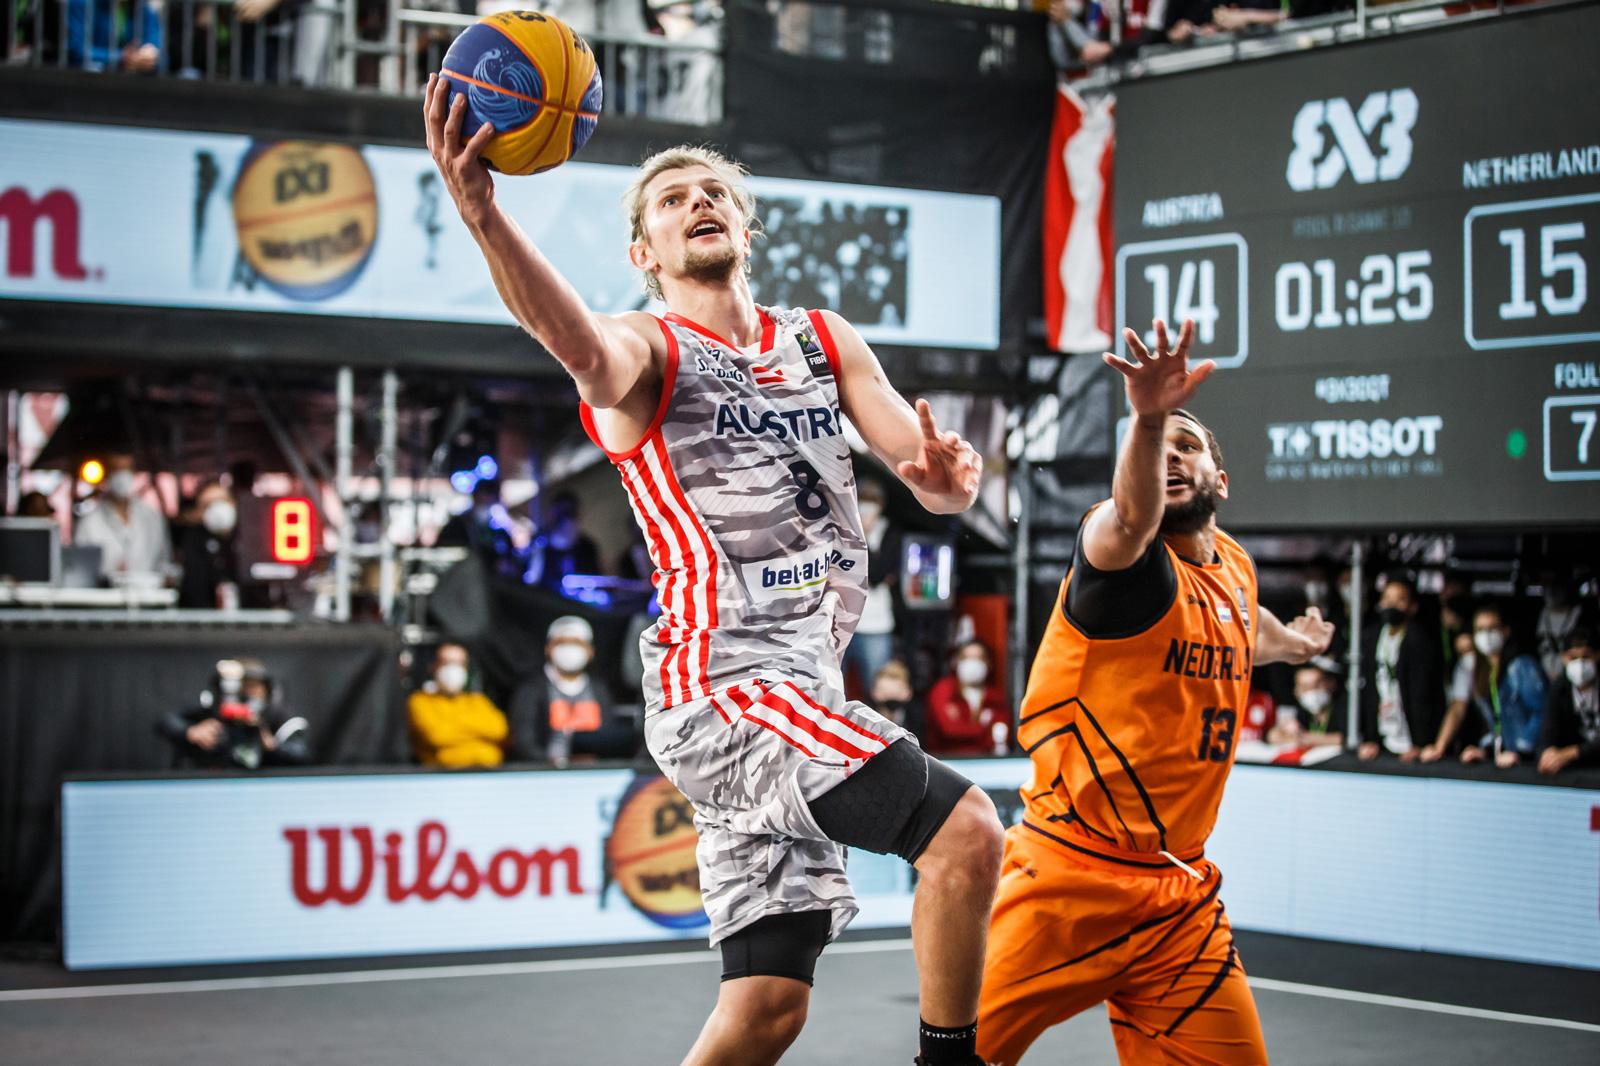 Basketball-Profi Moritz Lanegger wechselte zu 3x3